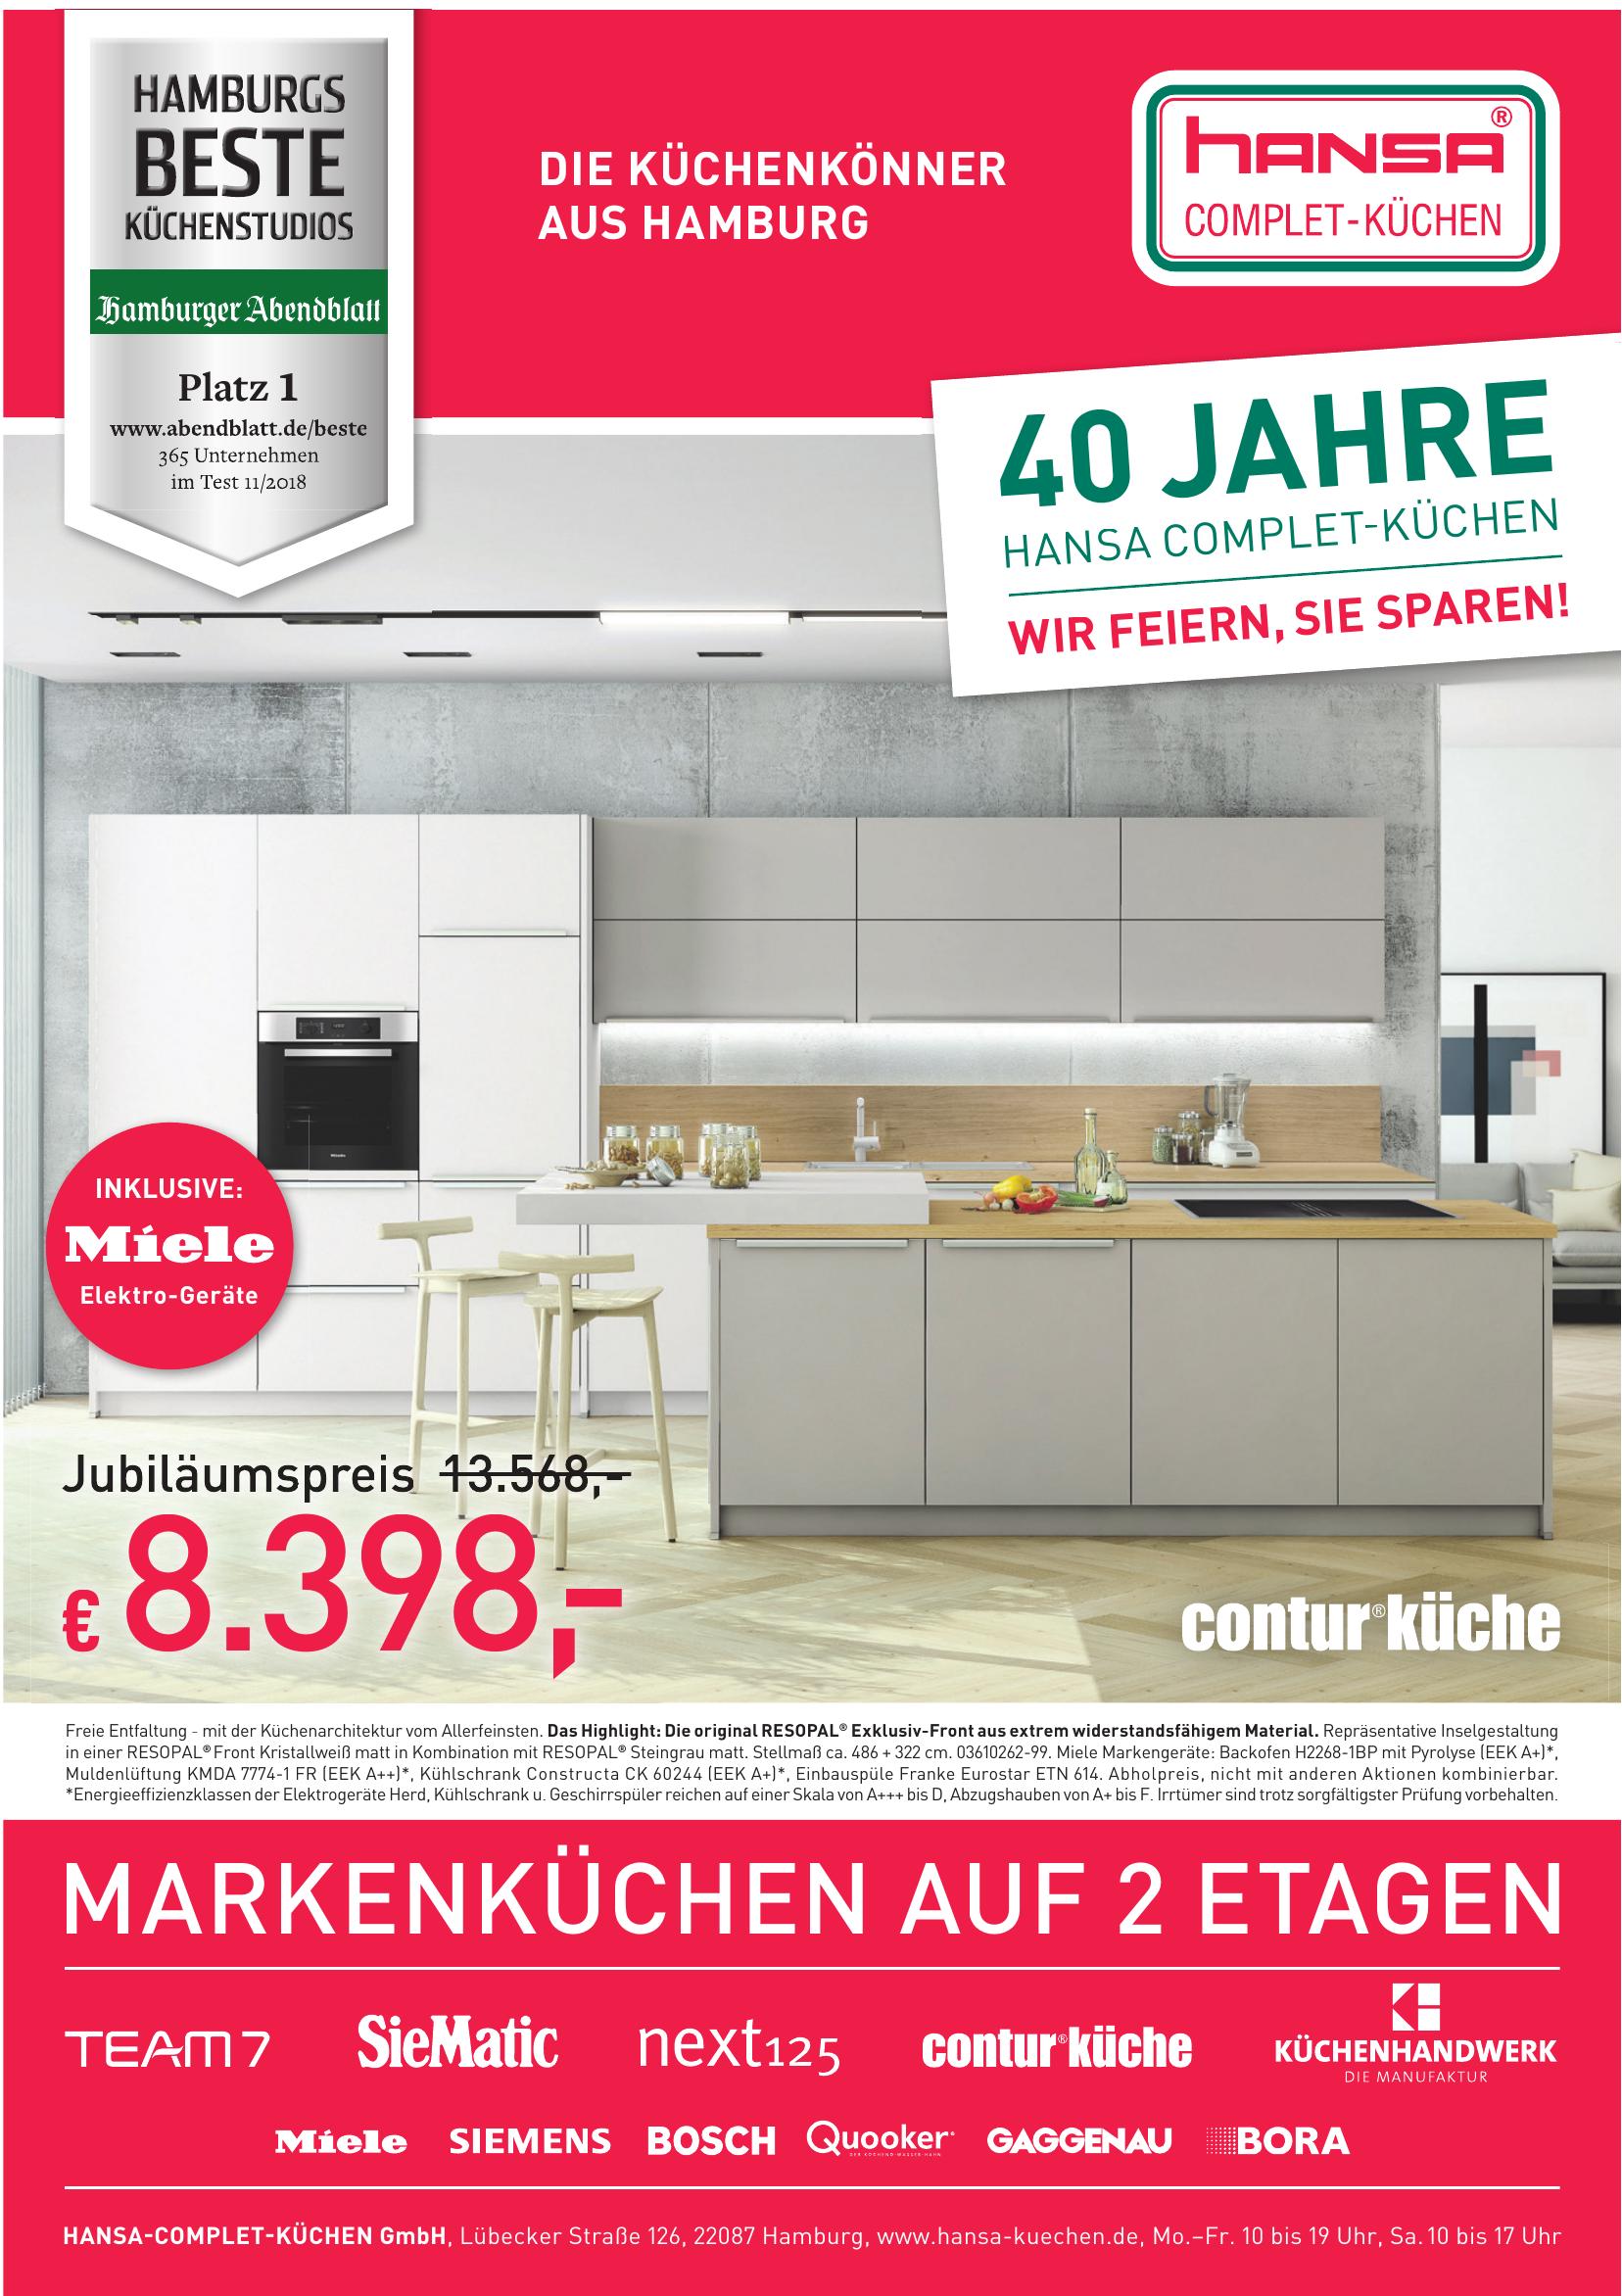 Hansa Complet Küchen: Hauswirtschaftsraum